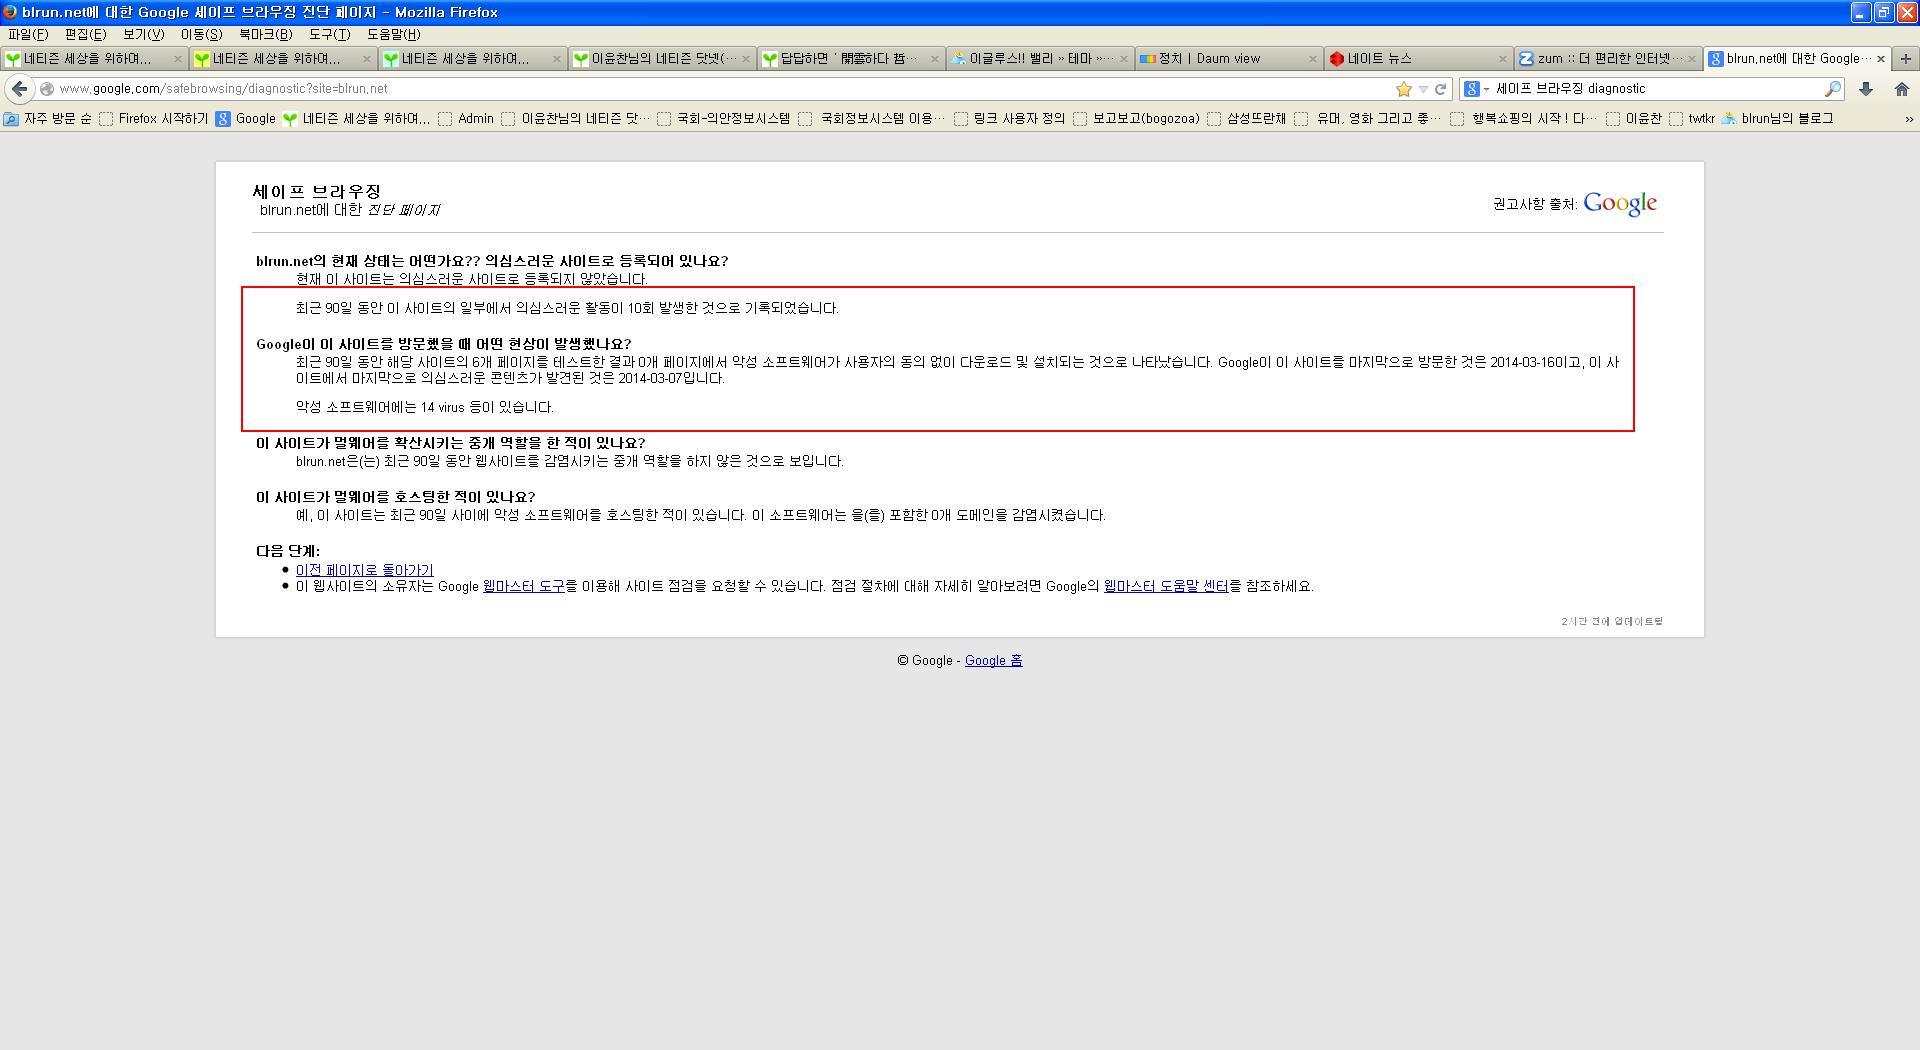 구글 세이프 브라우징으로 제 사이트를 함 검사해 ..